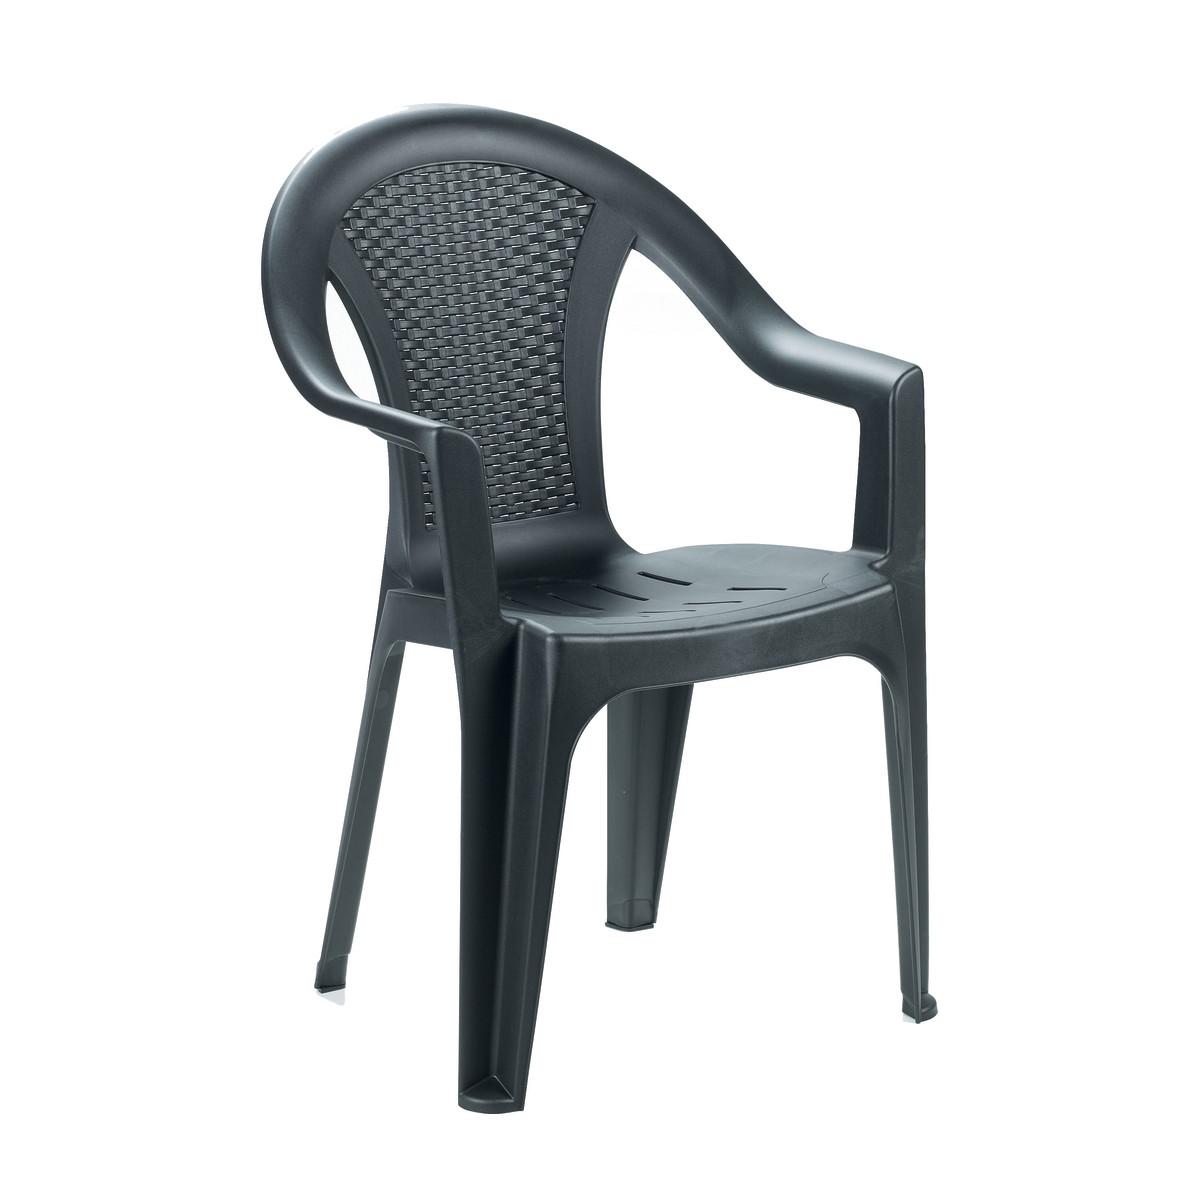 Sedia da giardino plastica ischia effetto rattan impilabile con braccioli colore antracite - Sedie plastica design ...